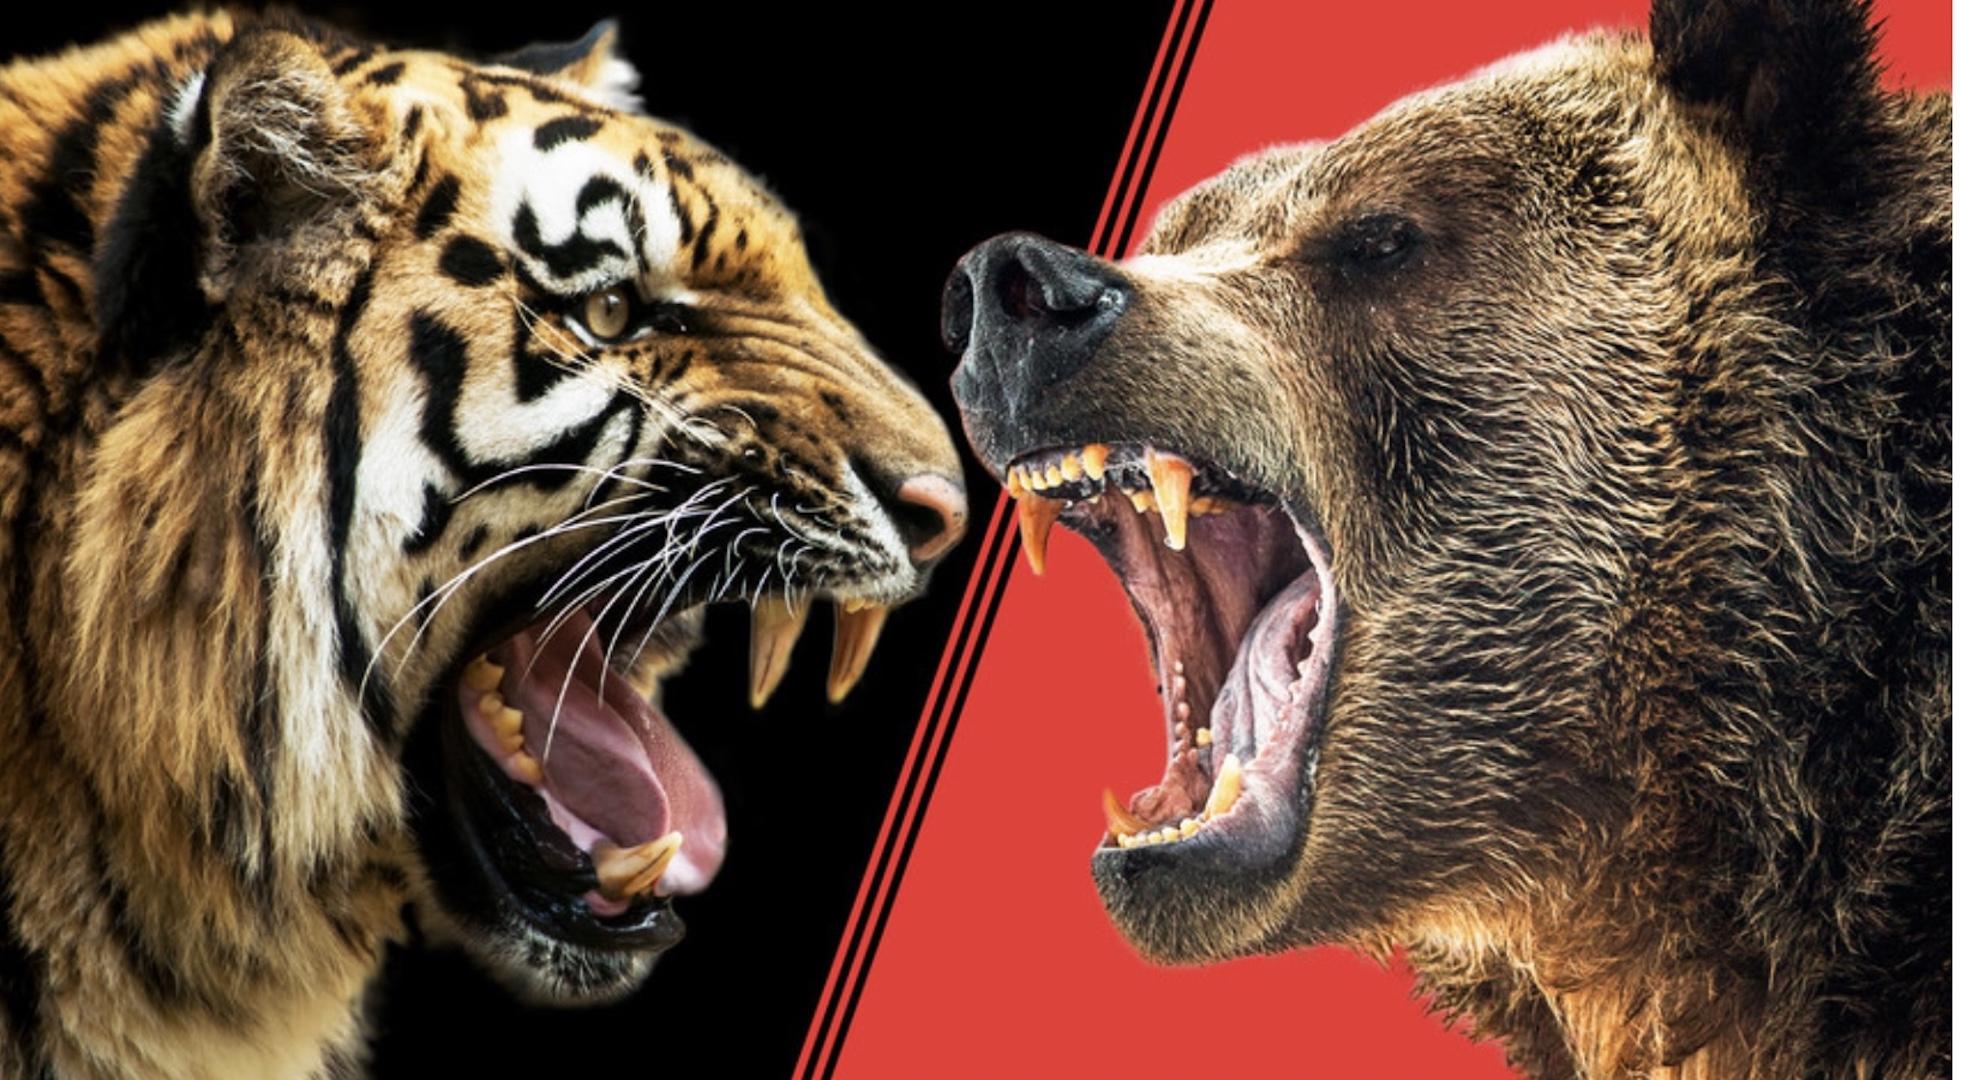 Hổ Siberia đấu gấu xám Bắc Mỹ: Con nào có thể ăn thịt con nào? - 1